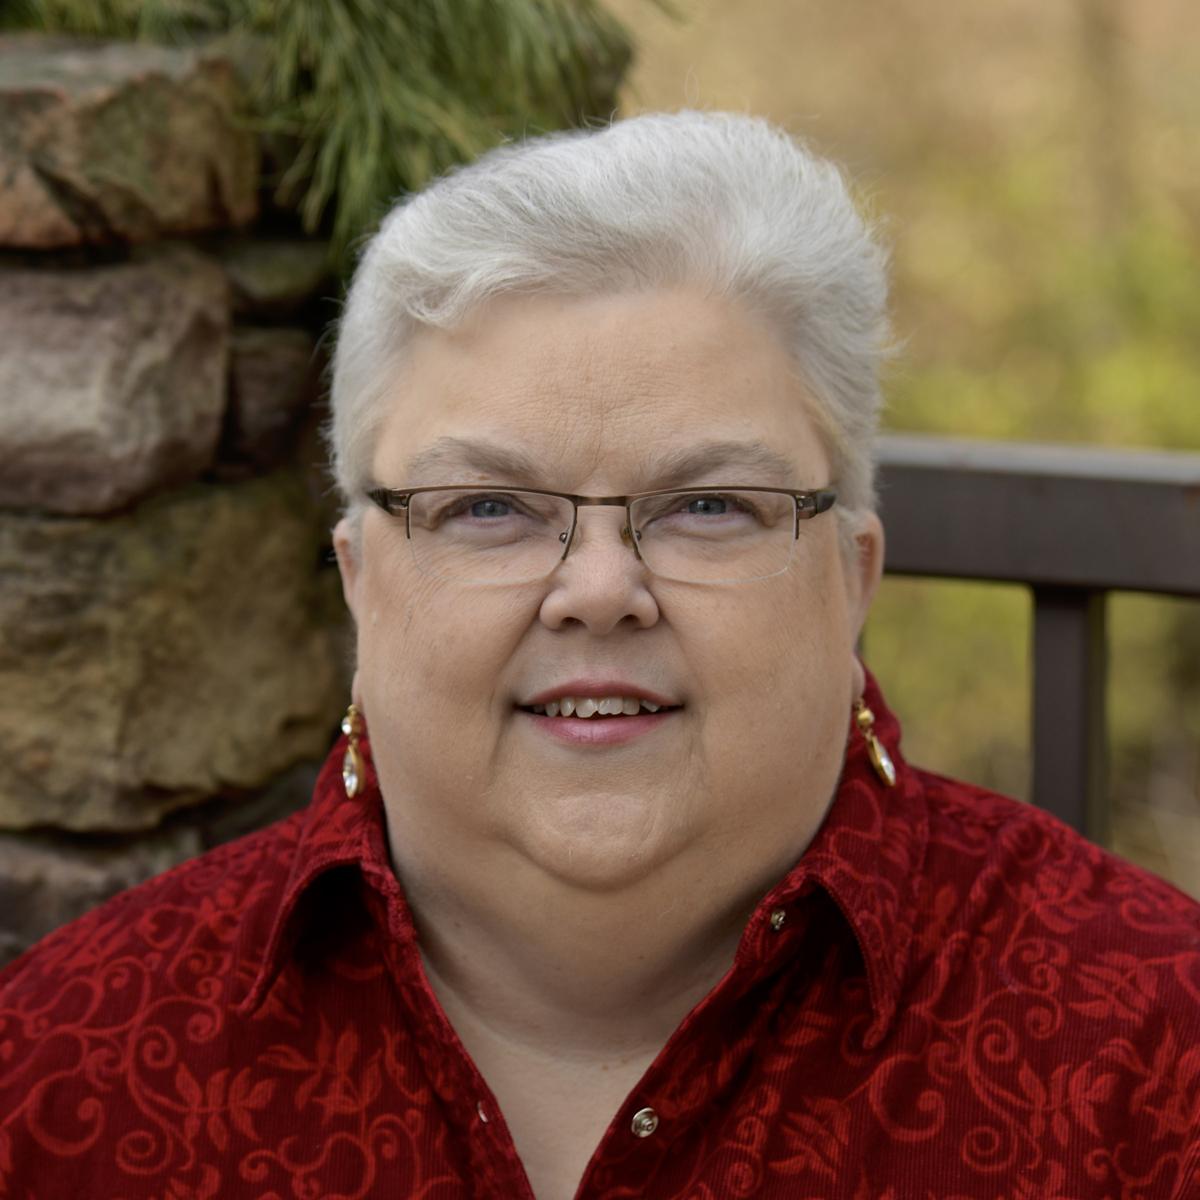 Melissa M. Edwards